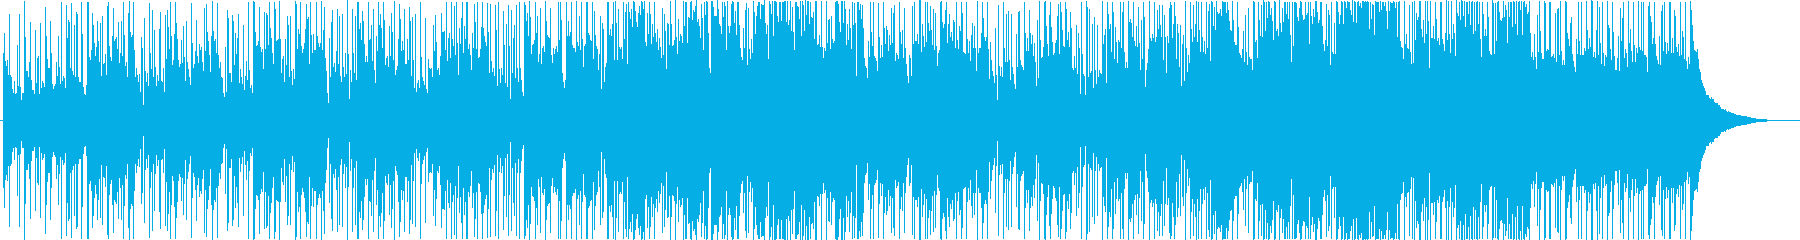 タイムの再生済みの波形